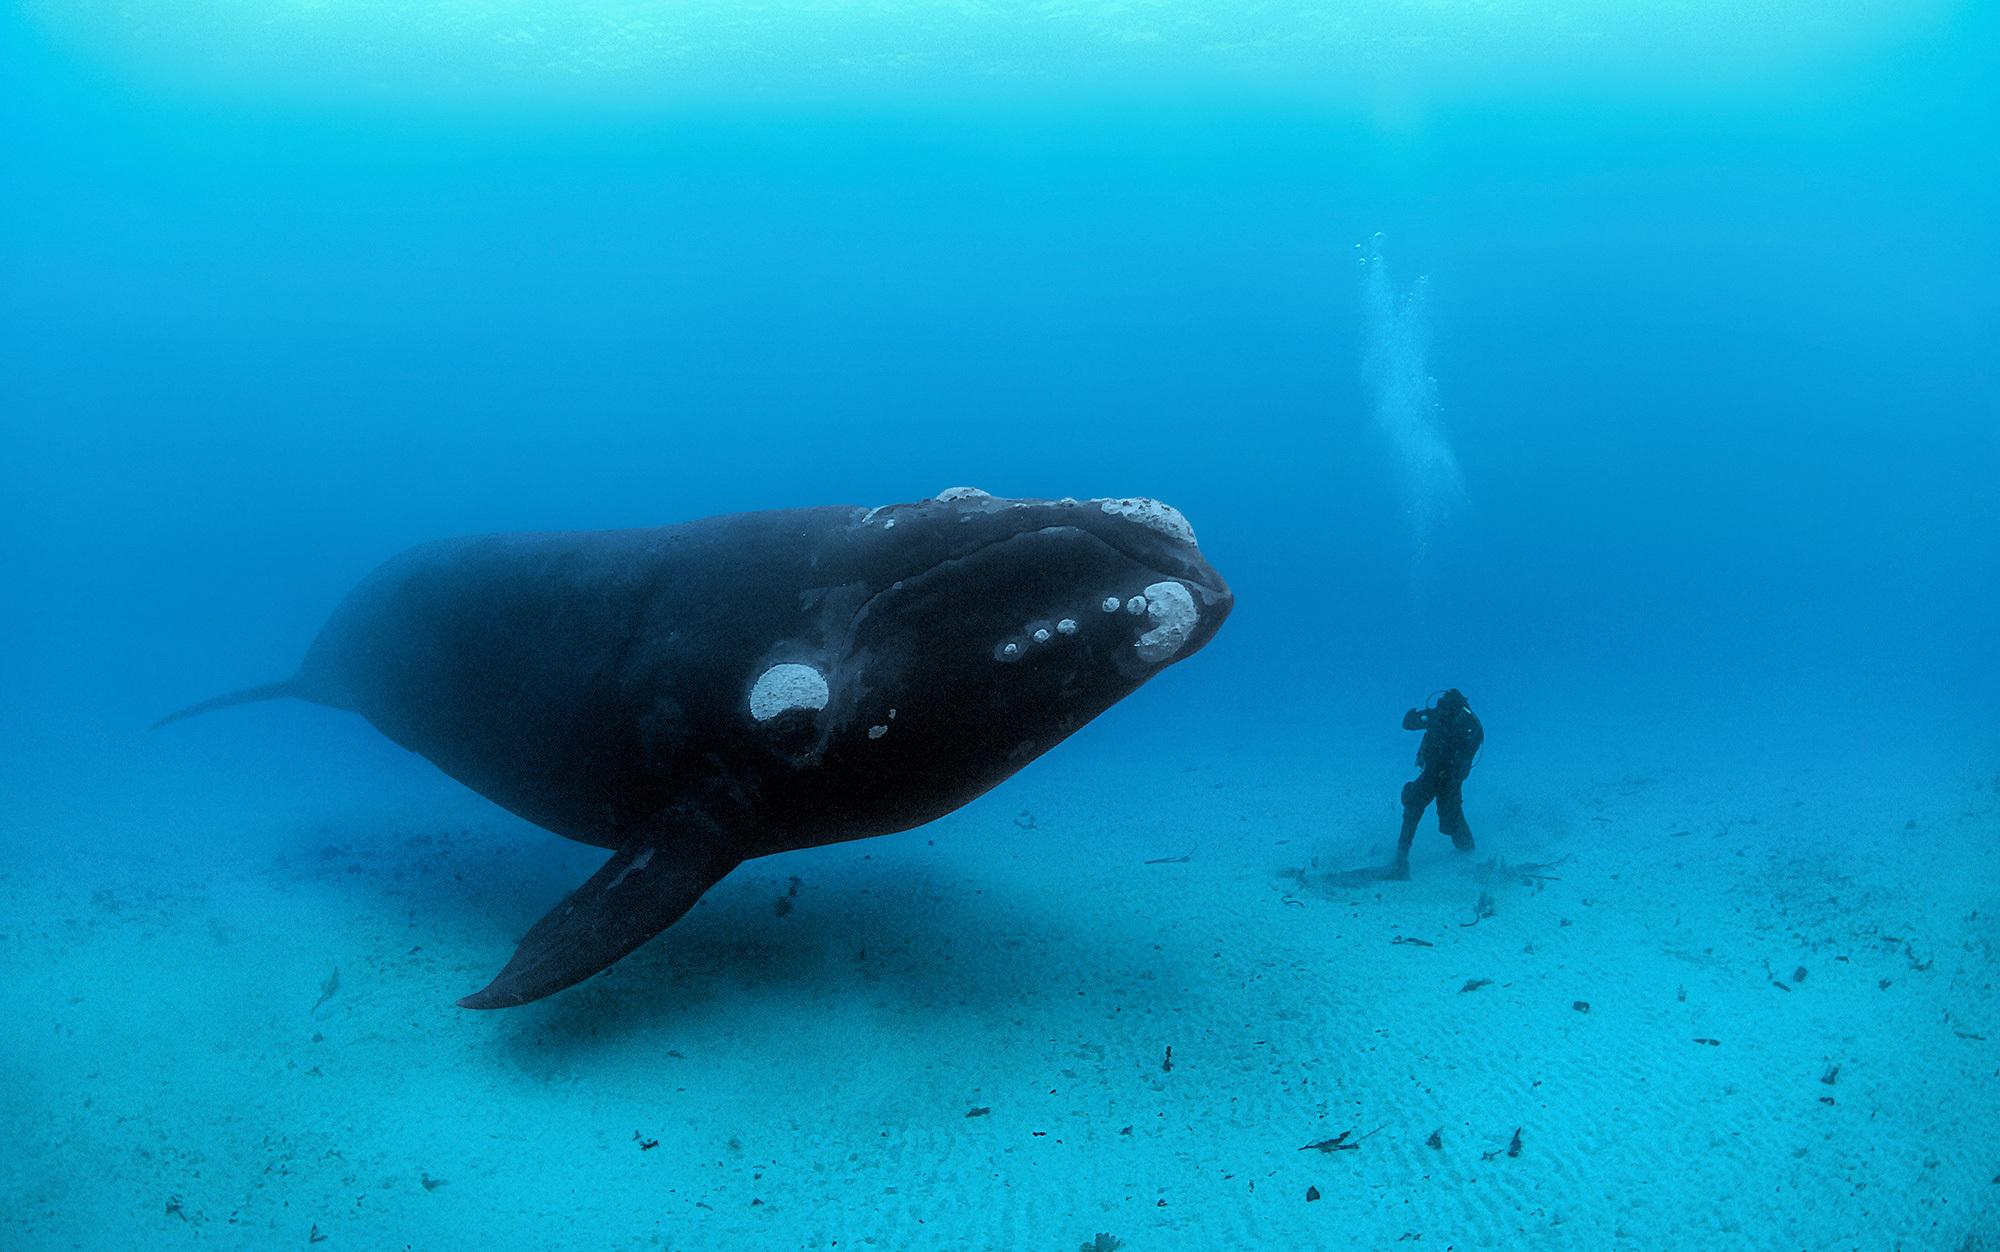 The whale's return | Aeon